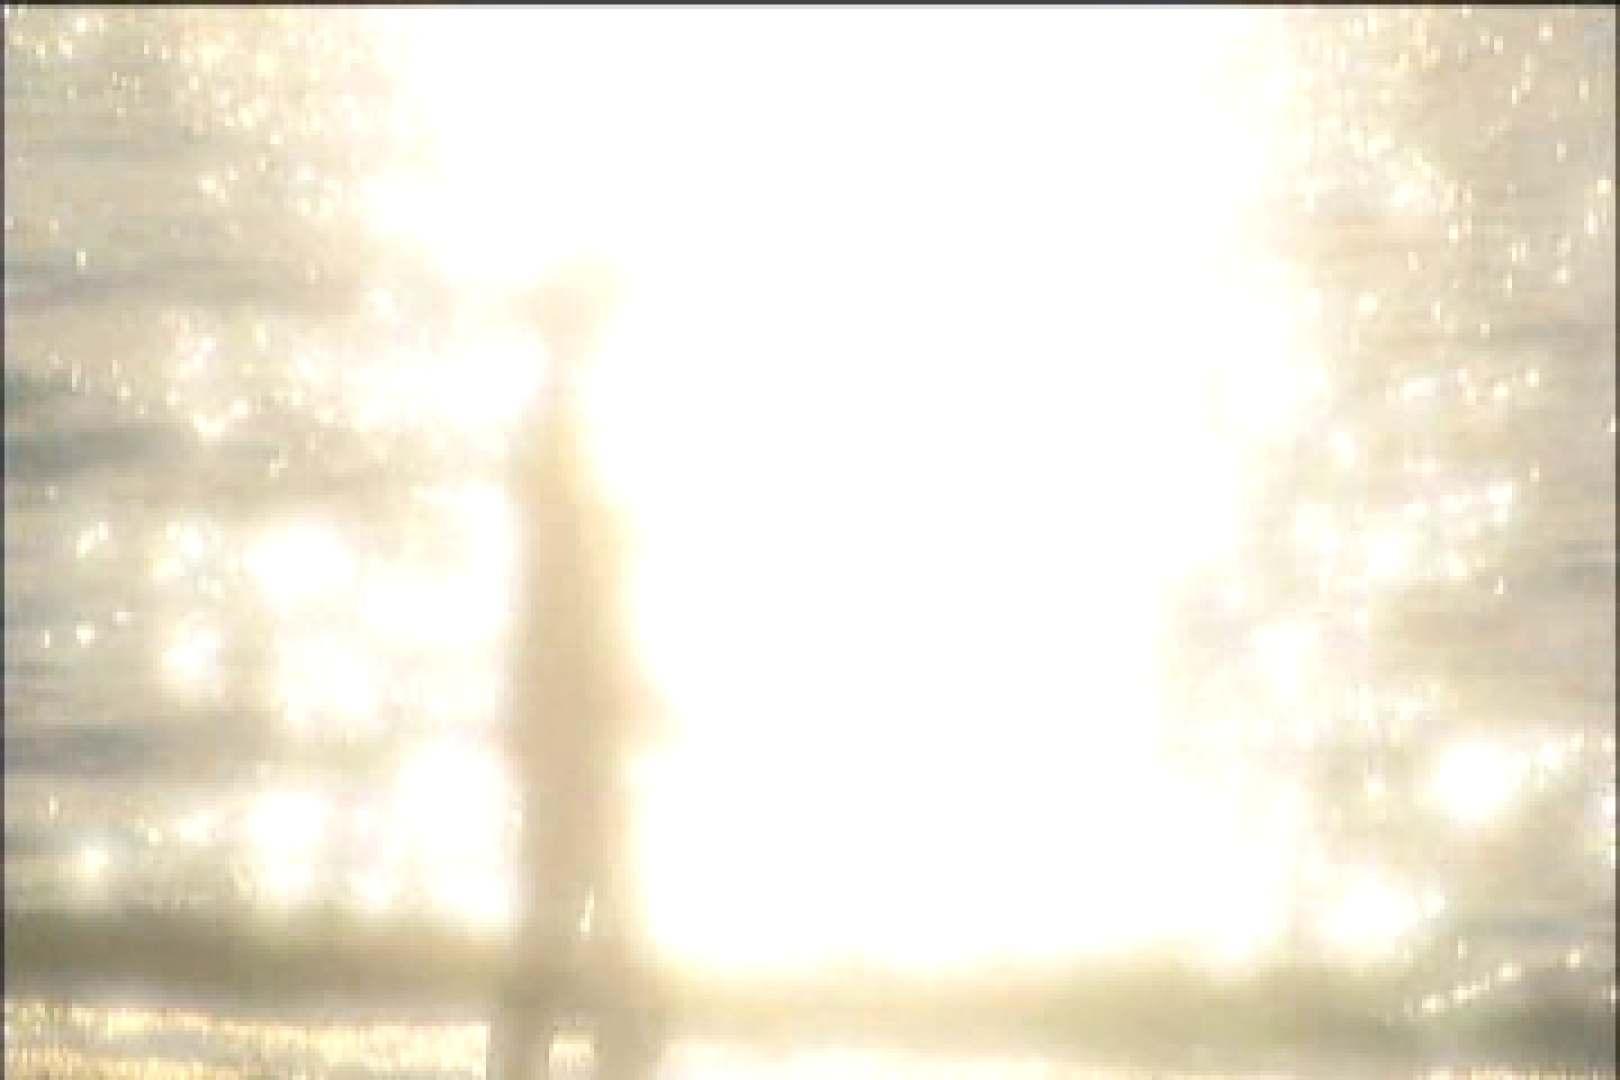 イケメン☆パラダイス〜男ざかりの君たちへ〜vol.40 アナル ゲイザーメン画像 98枚 27